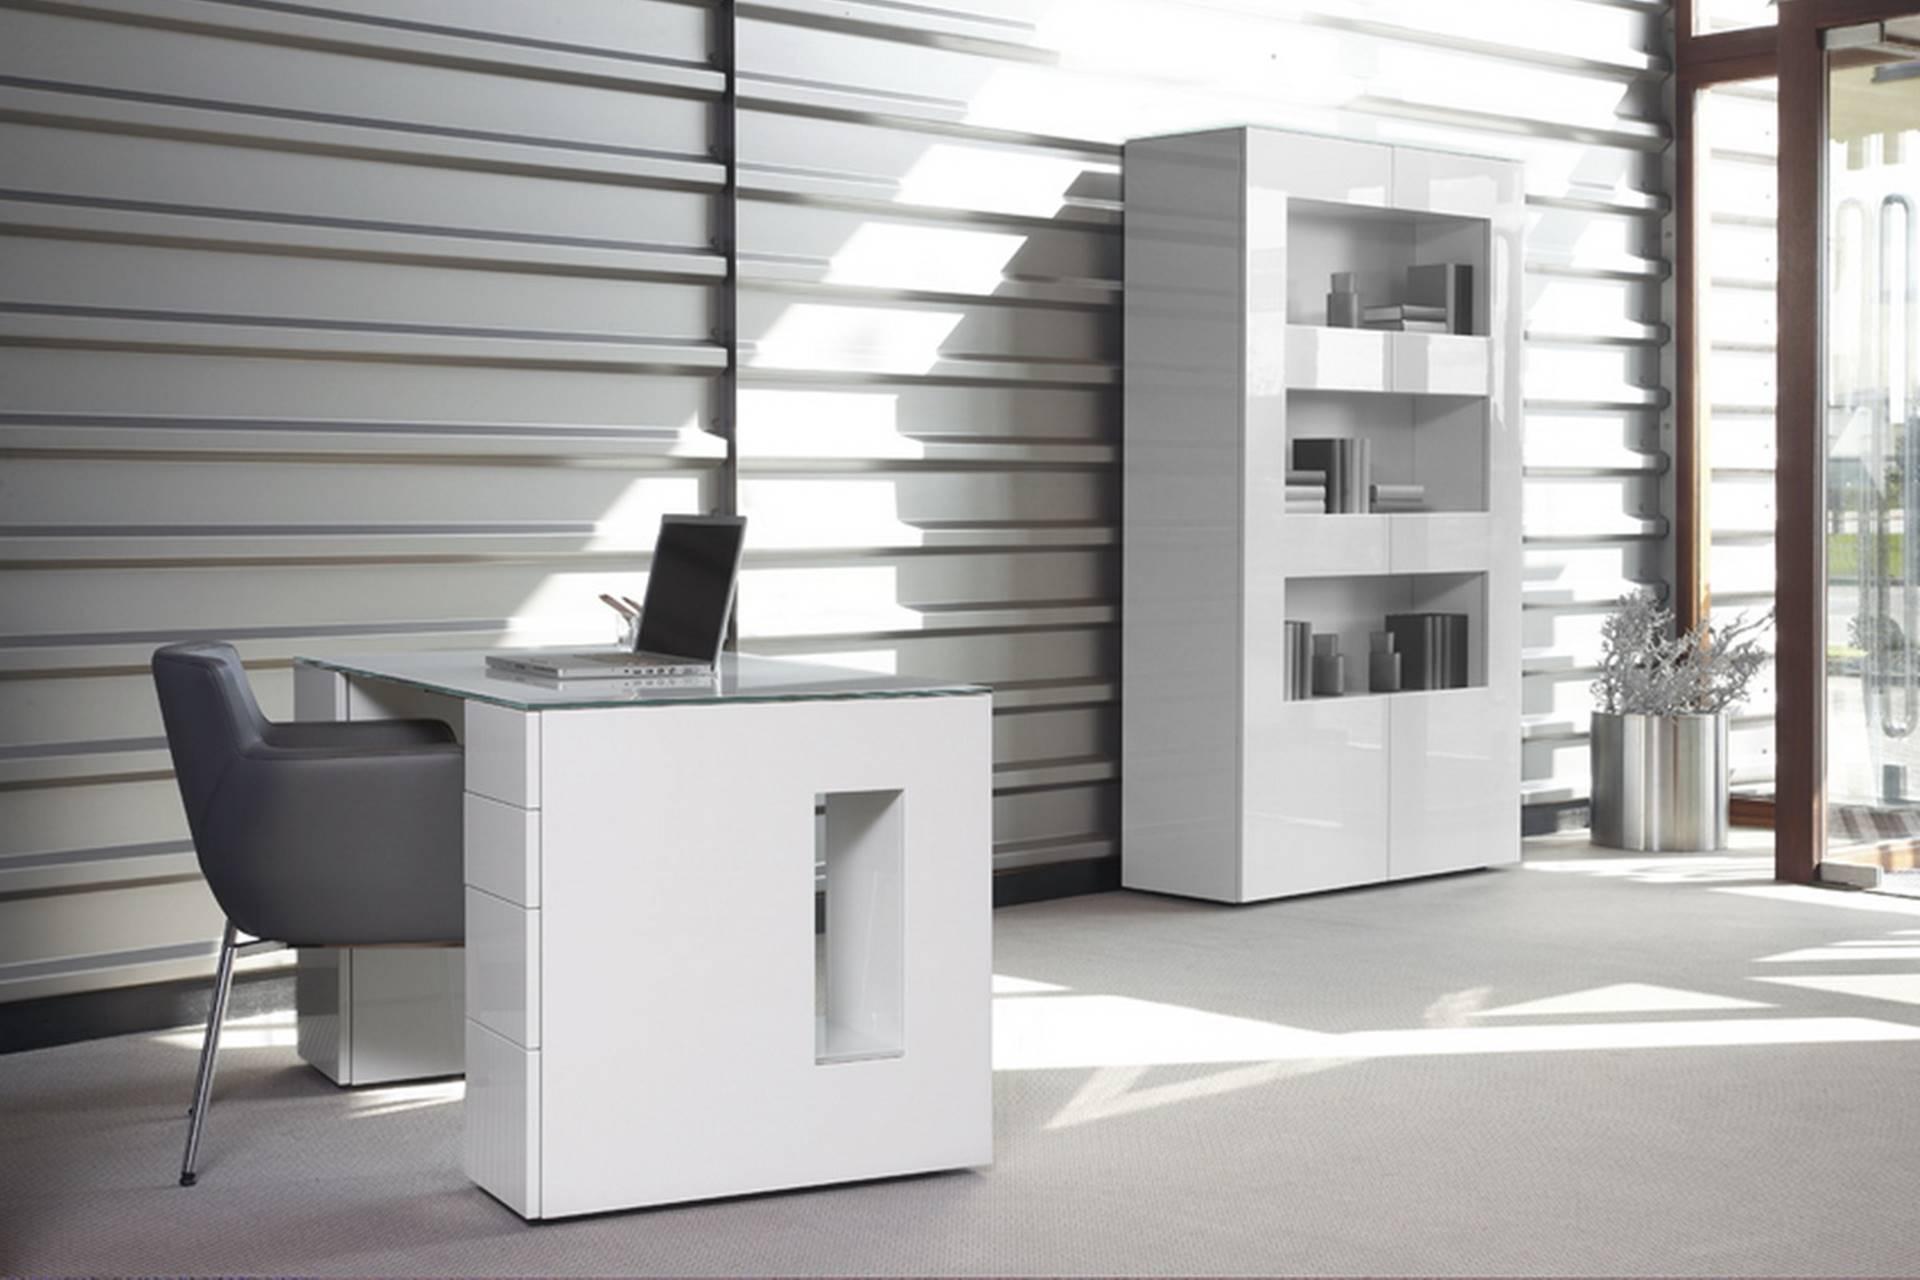 meubles bureaux blanc vitrine laque story. Black Bedroom Furniture Sets. Home Design Ideas